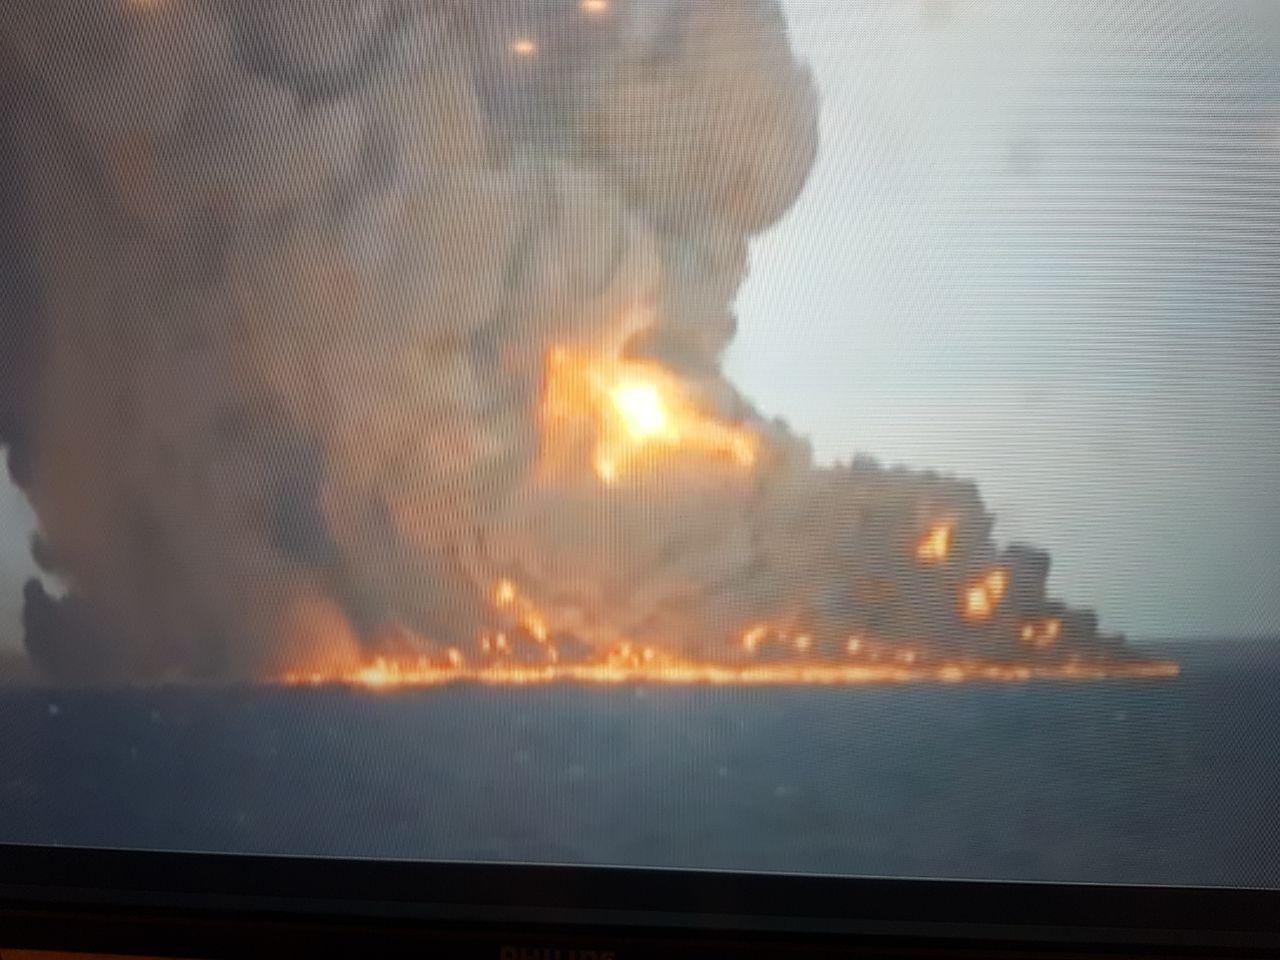 نفتکش ایرانی در حال غرق شدن است/  امیدها برای نجات 32 خدمه نفتکش کمرنگ شد